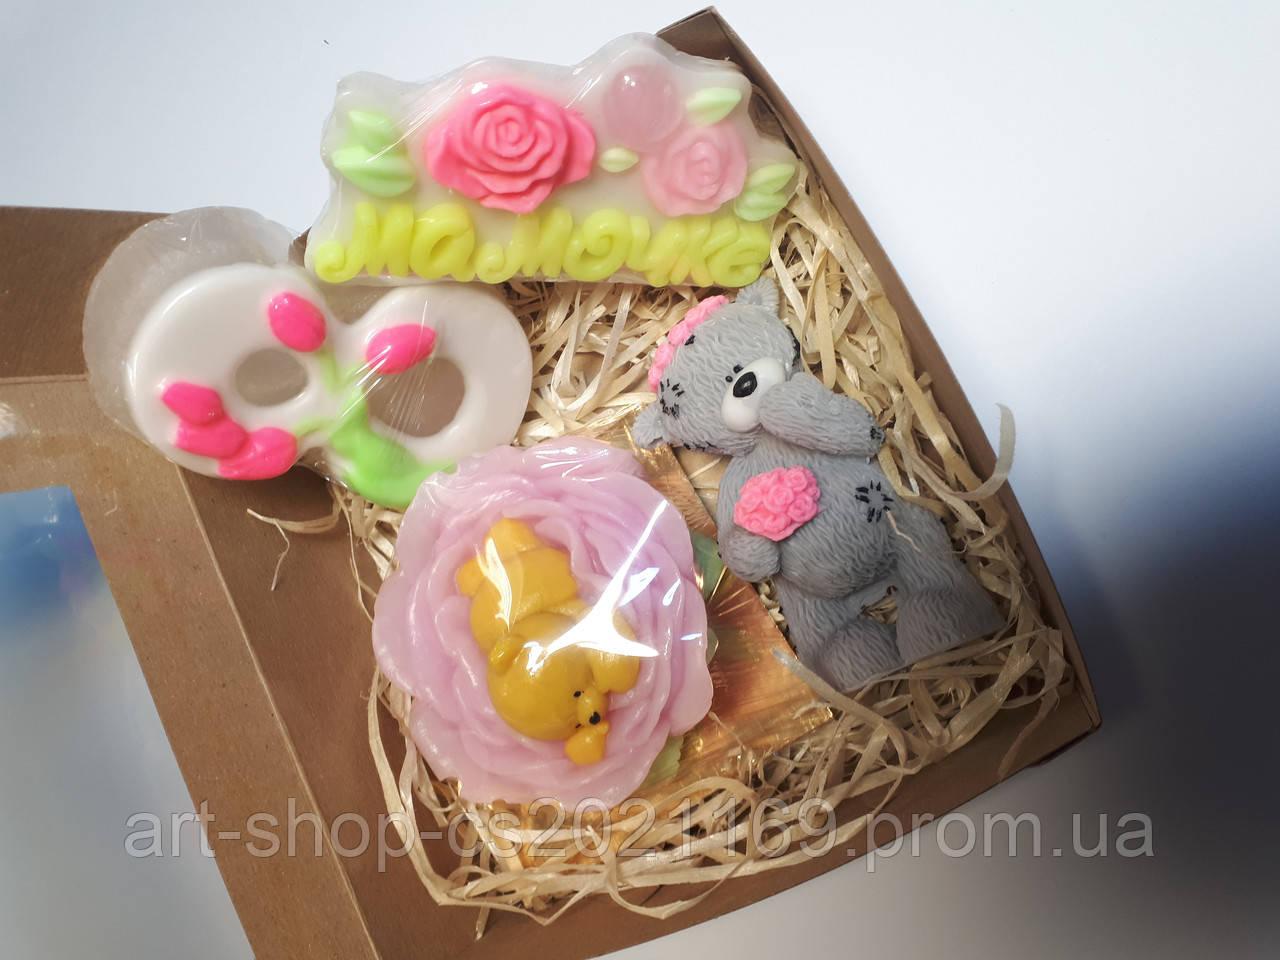 Подарочный набор маме на 8 марта мыло ручной работы мило ручної роботи на 8 березня для мами